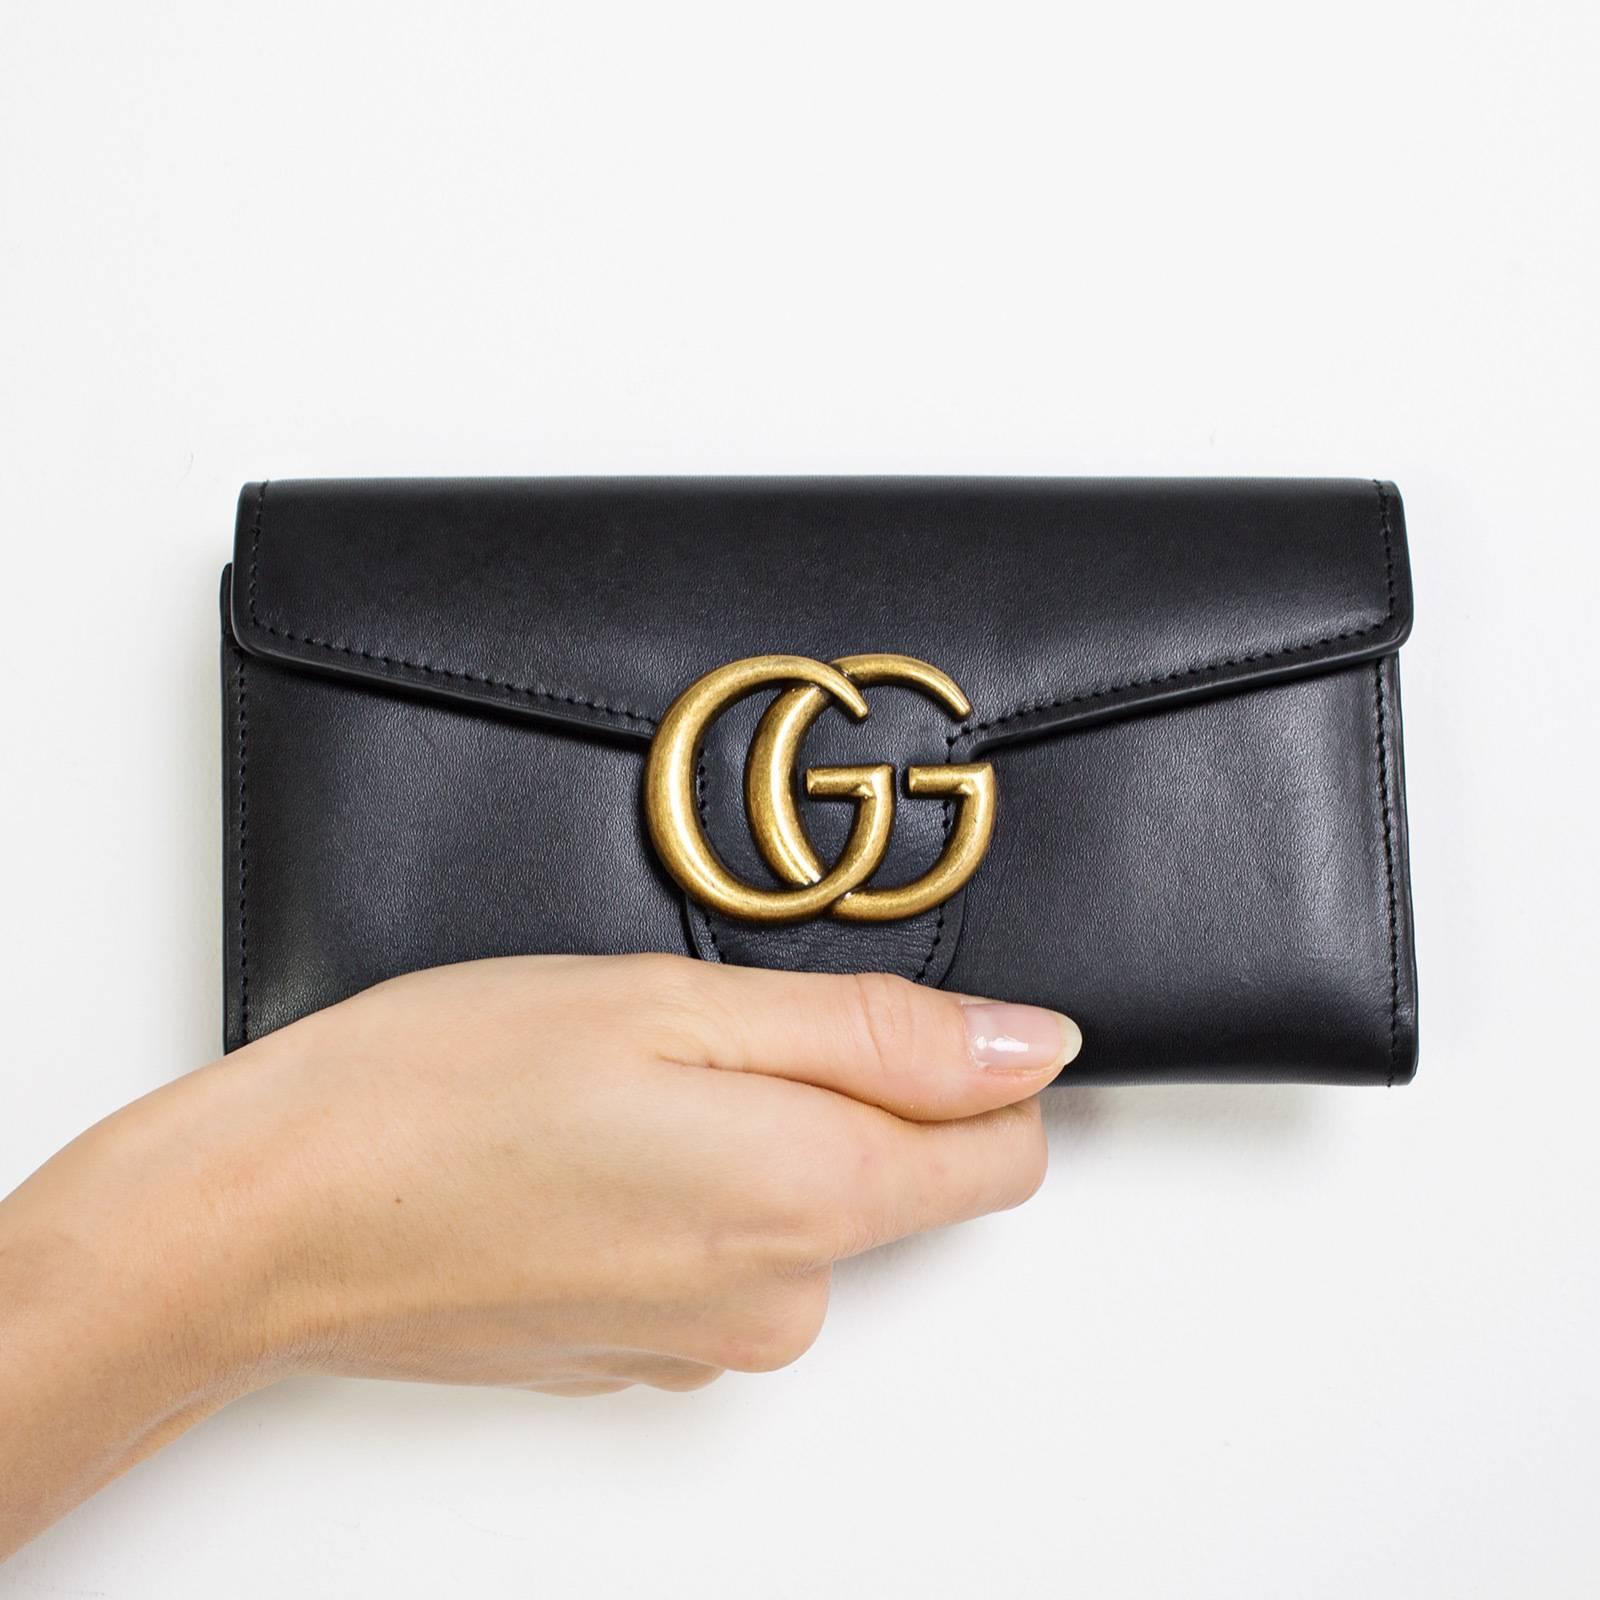 Купить кошелек Gucci в Москве с доставкой по цене 9000 рублей ... 356dccd0b55